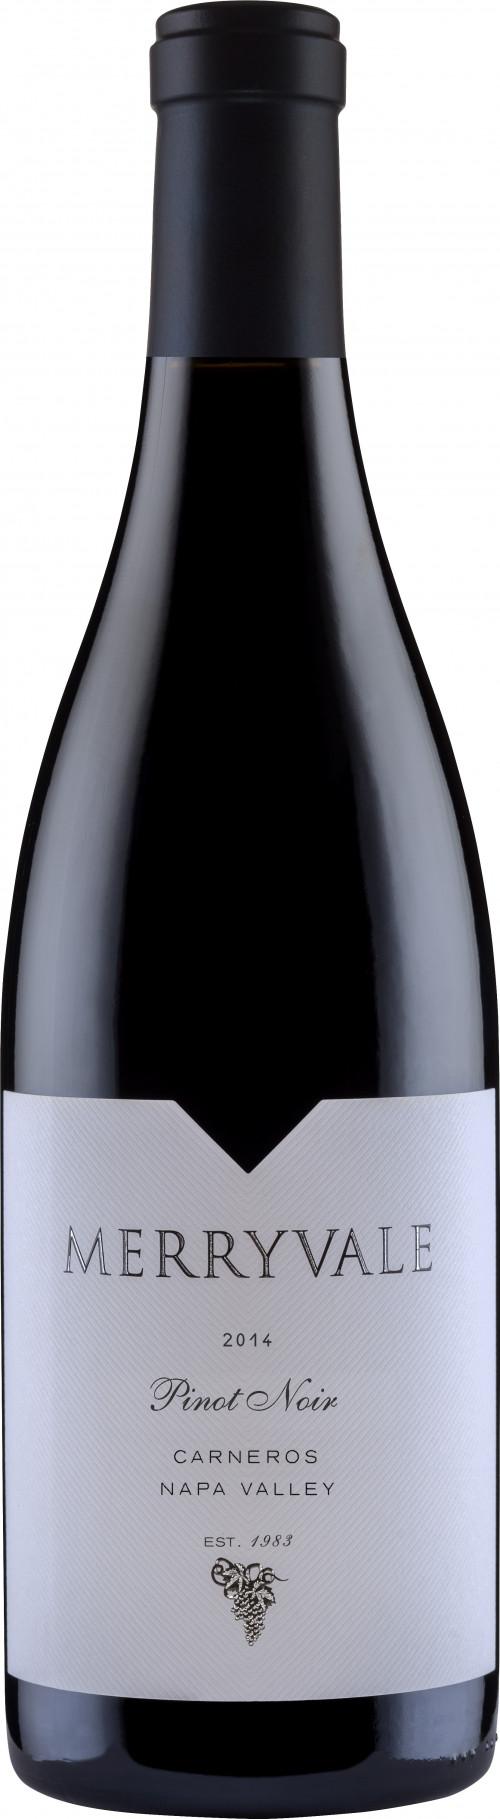 2014 Merryvale Carneros Pinot Noir 750ml